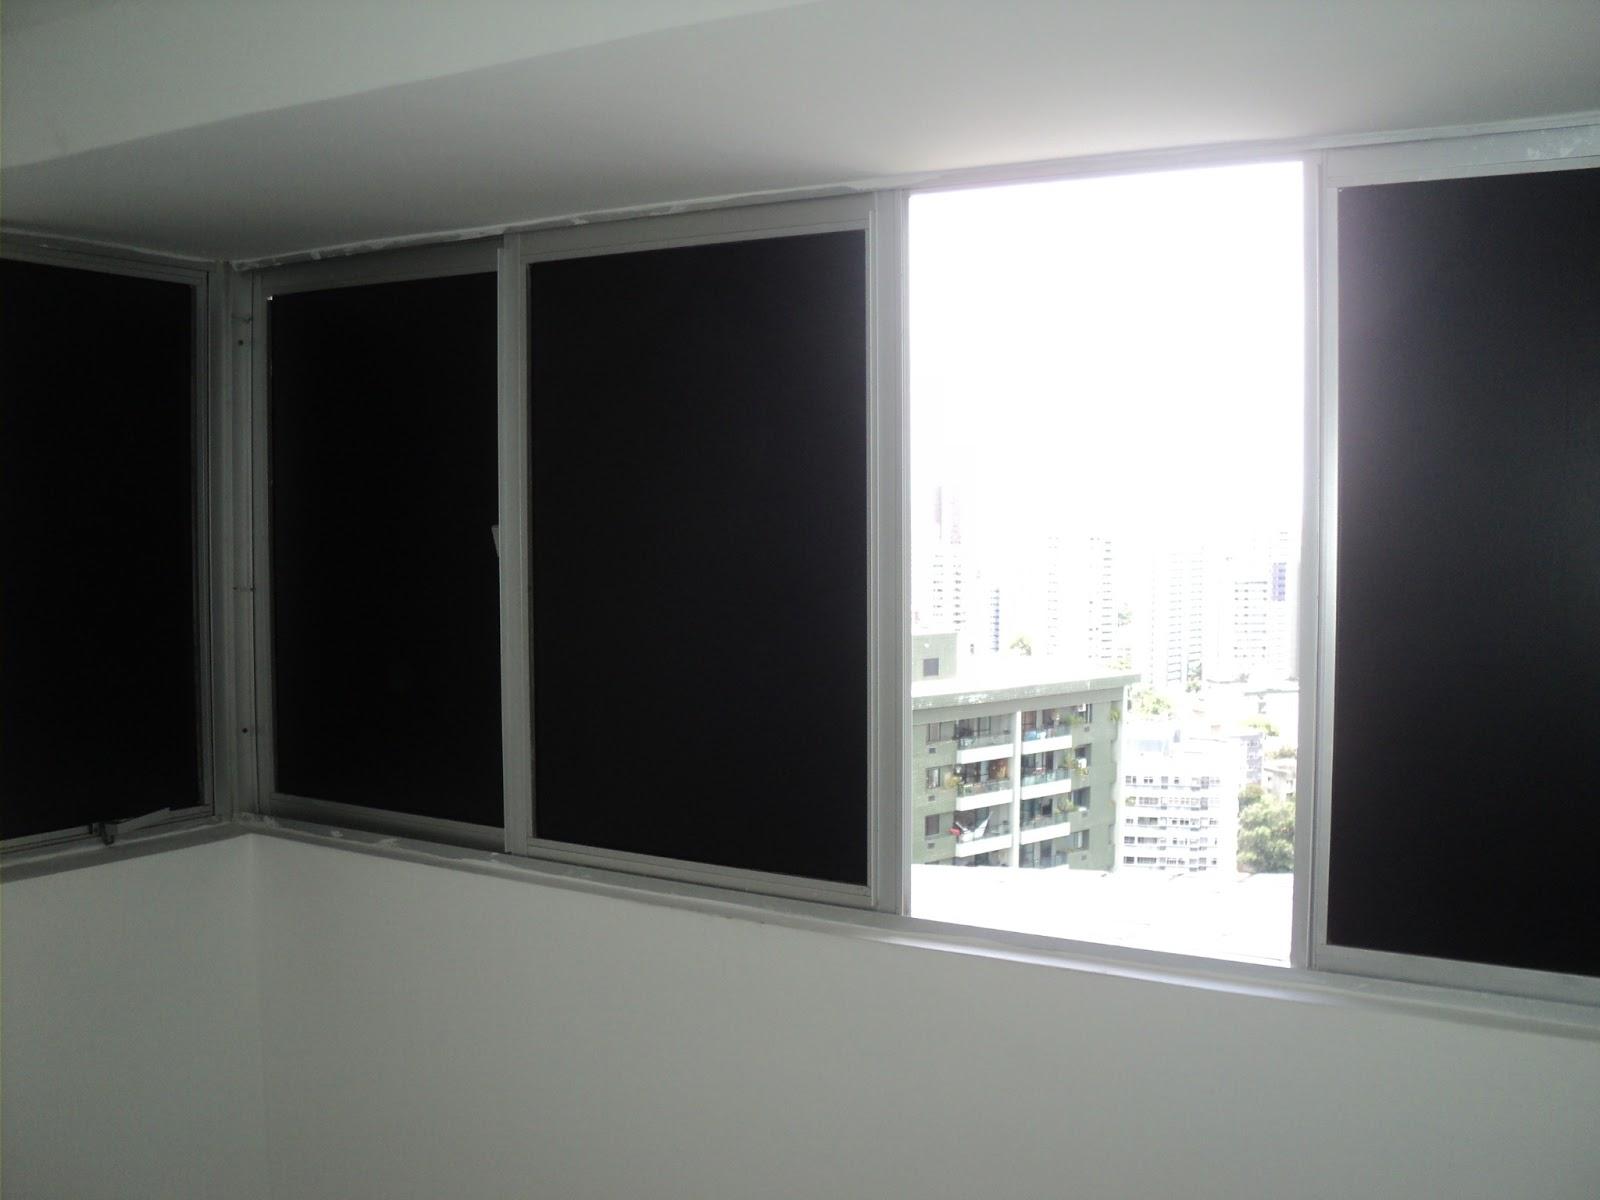 #514F59  : Adesivo preto fosco em janelas em Recife e Região Metropolitana 204 Janelas De Vidro No Quarto